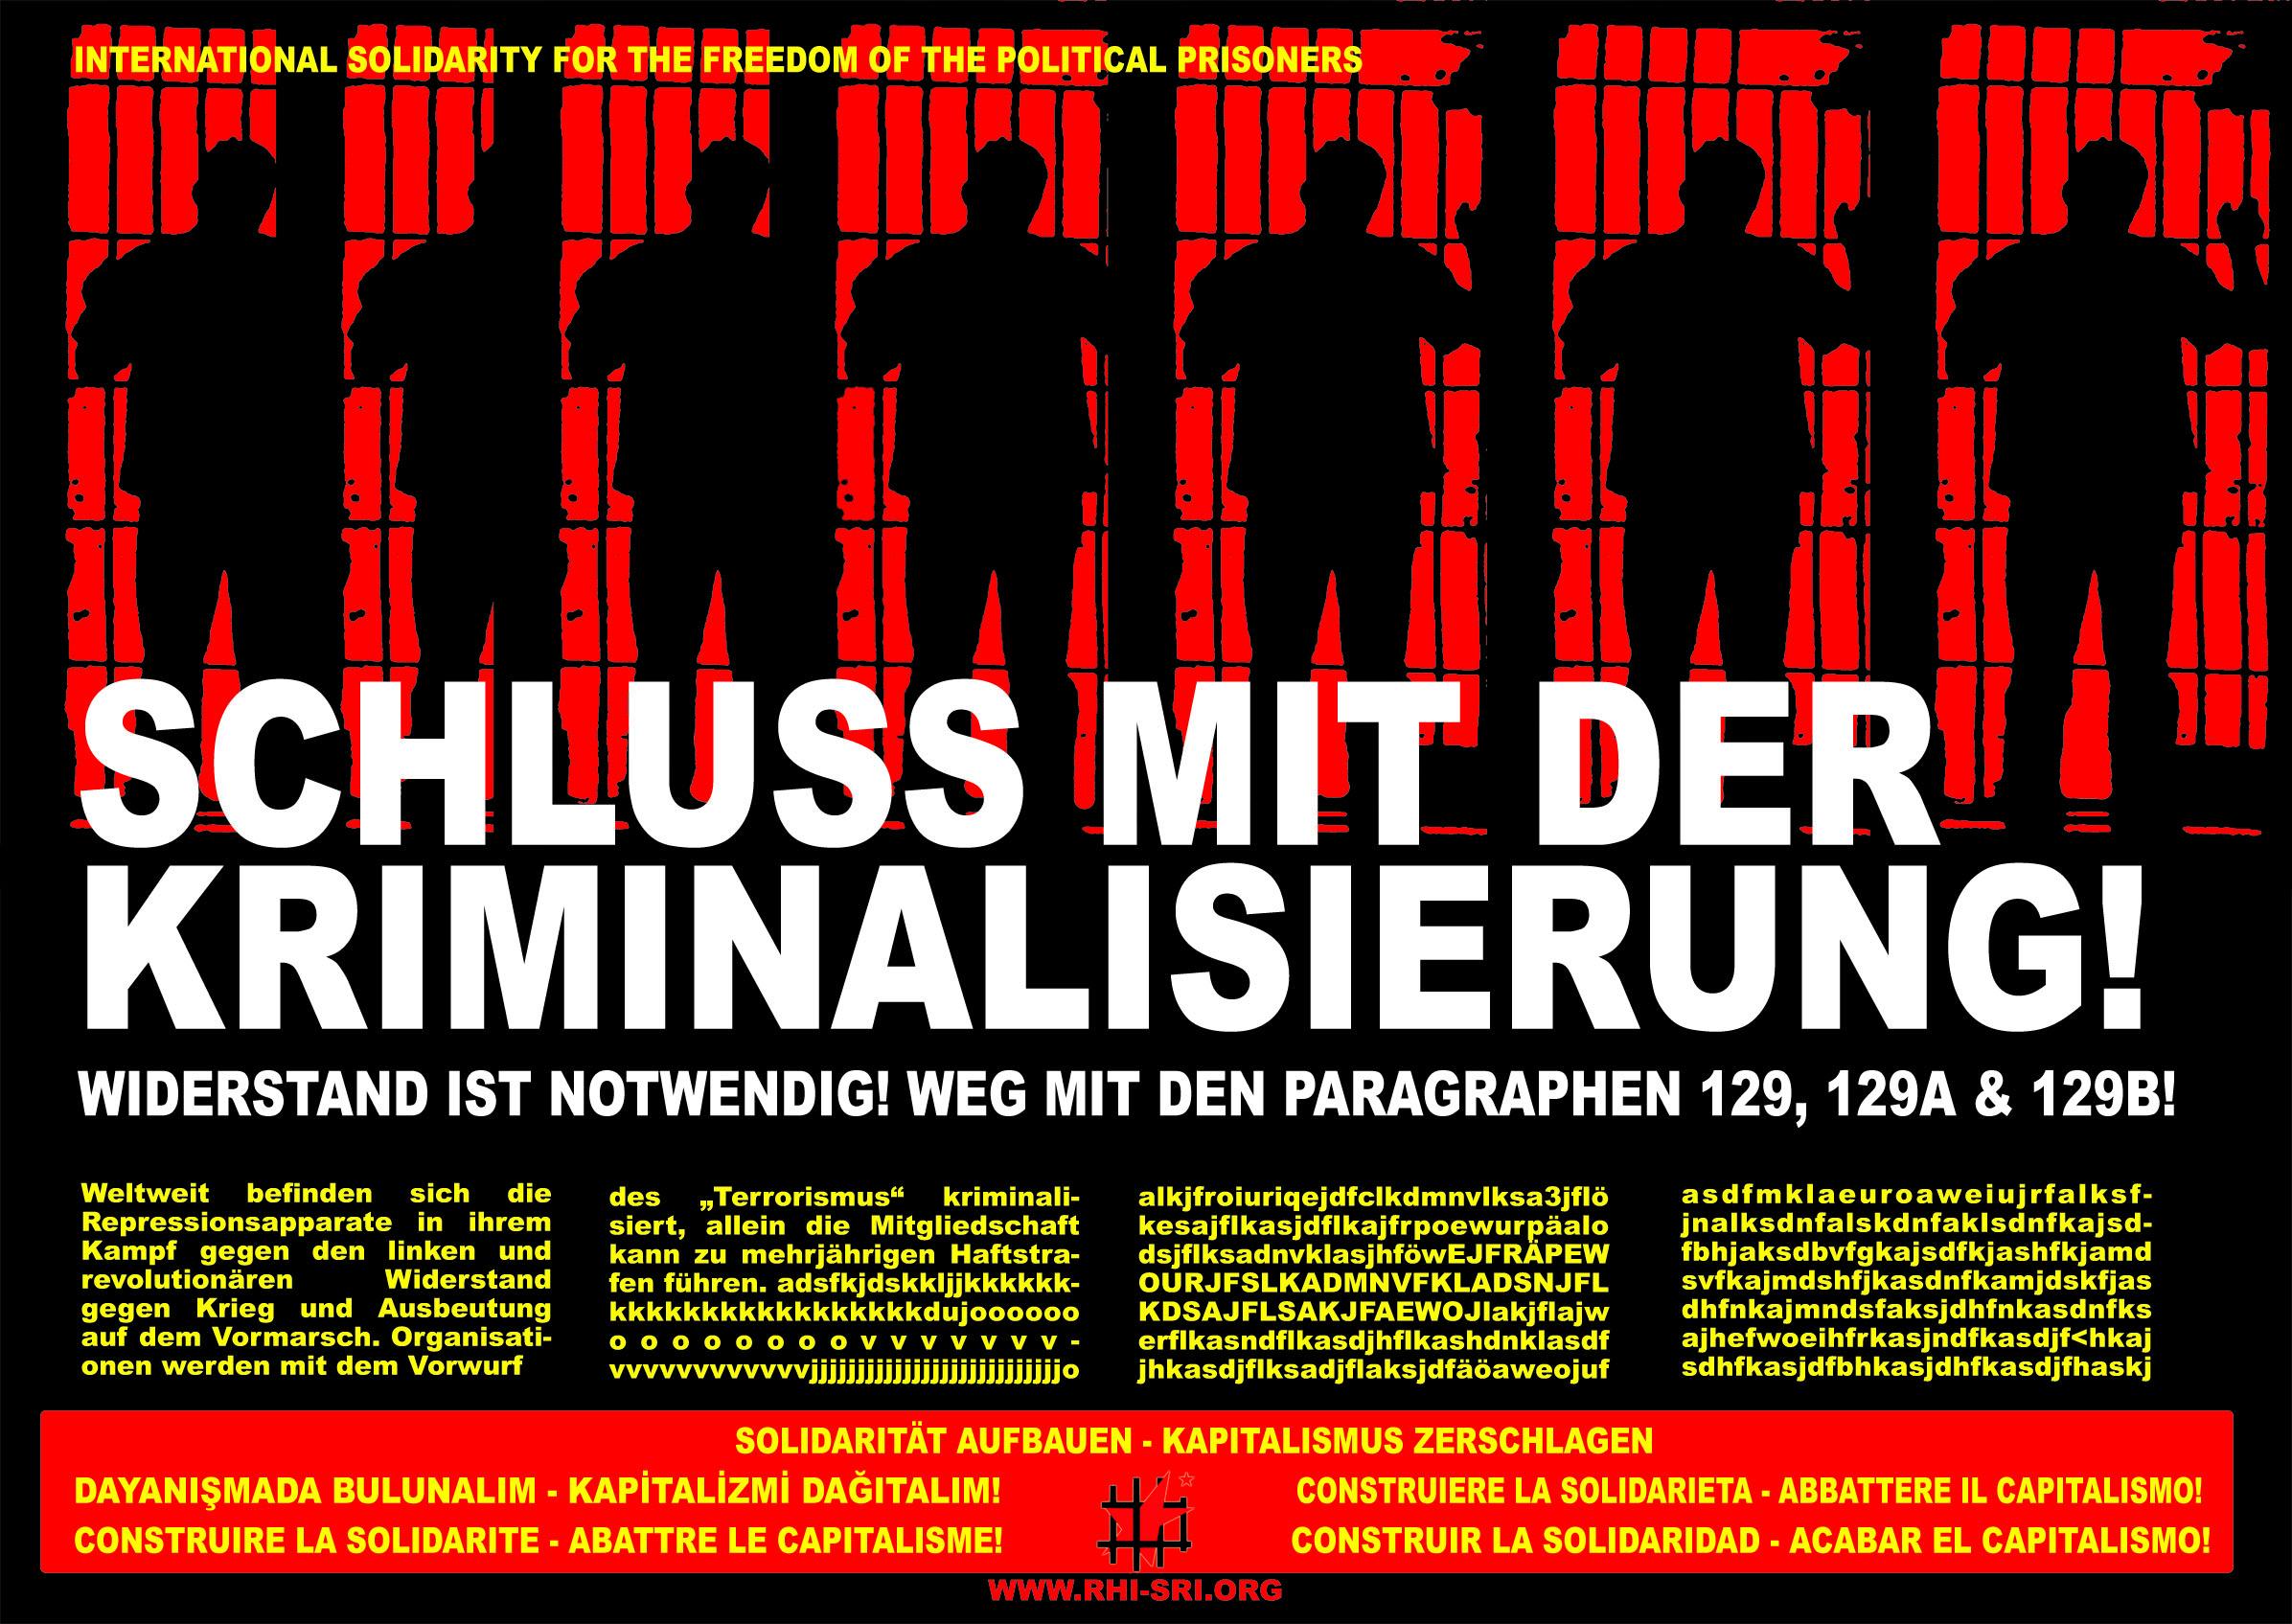 Affiche du SRI contre les § 129 en Allemagne